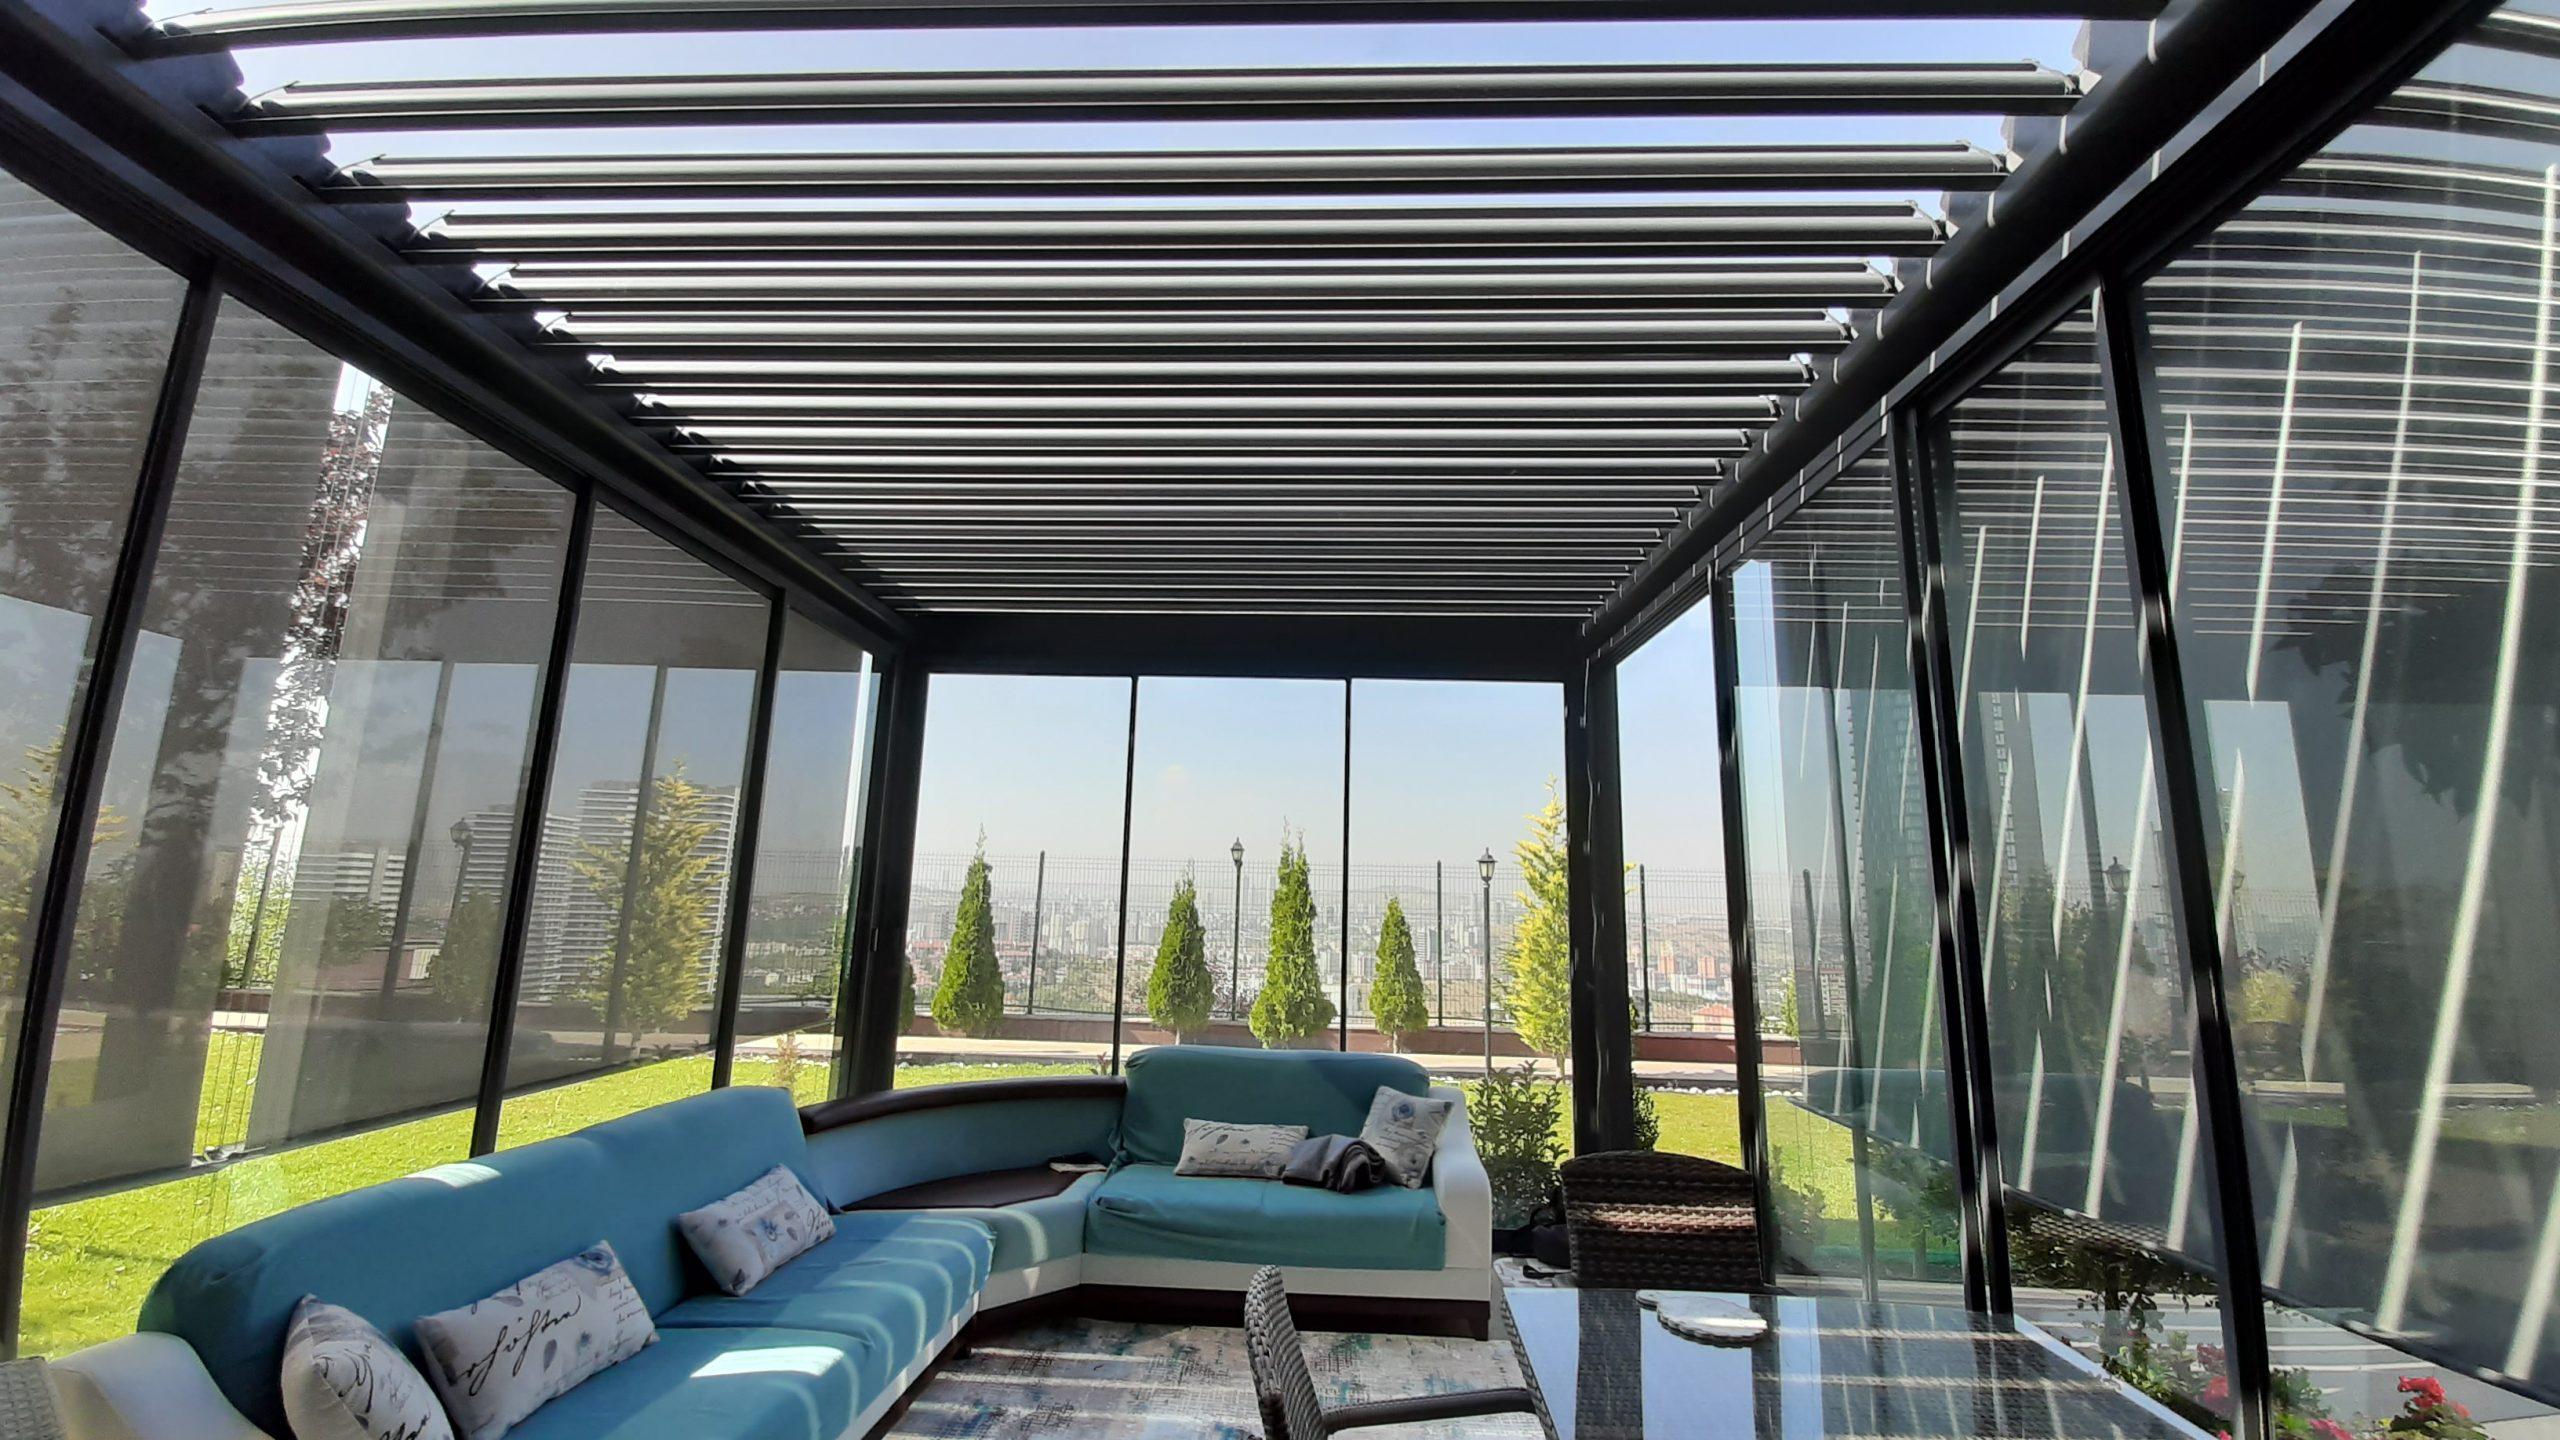 tual-tente-modelleri-pivot-roof